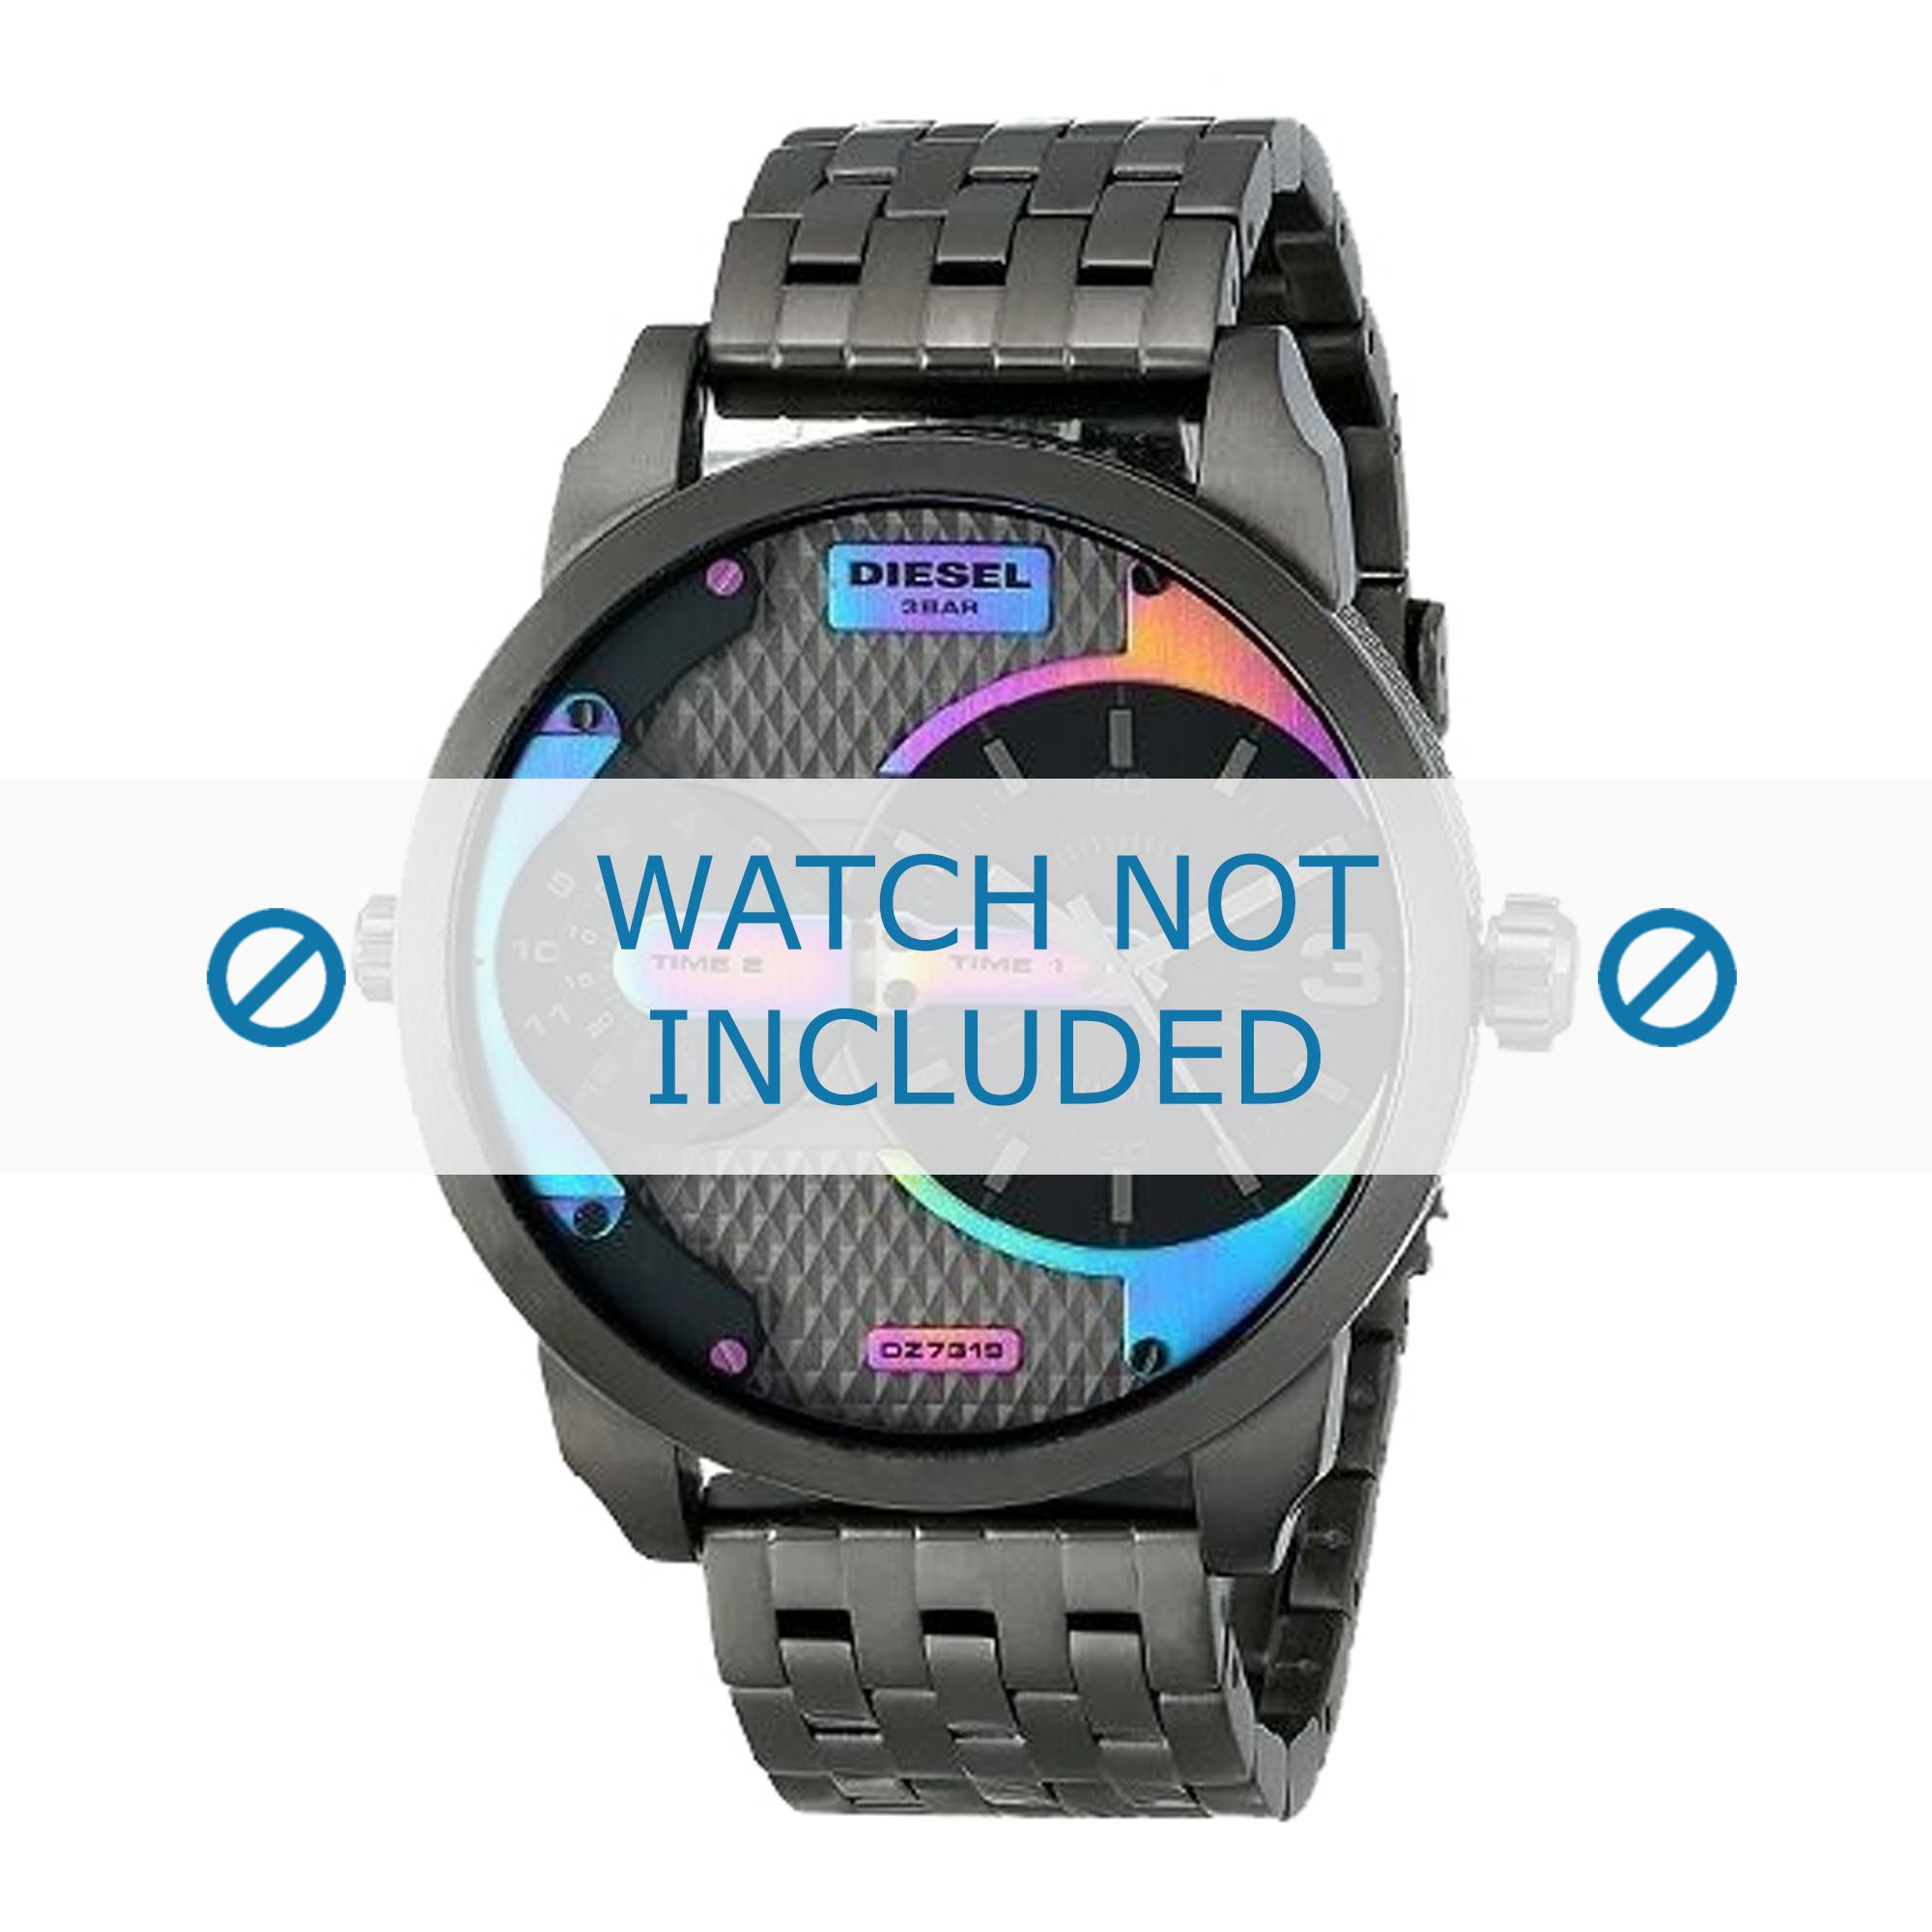 Diesel horlogeband DZ7319 Roestvrij staal (RVS) Grijs 22mm